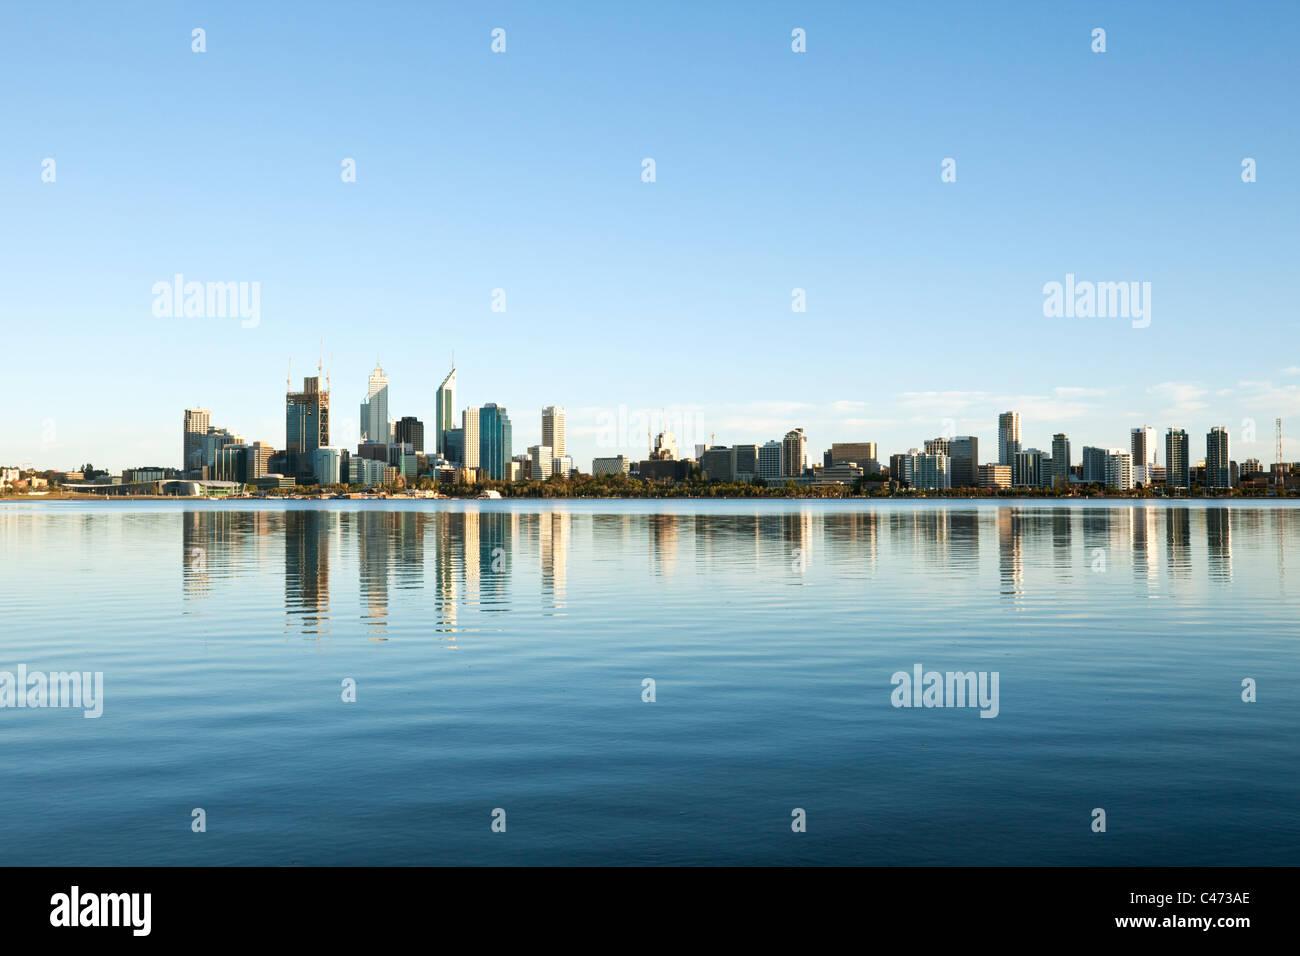 Vista sul Fiume Swan per lo skyline della citta'. Perth, Western Australia, Australia Immagini Stock